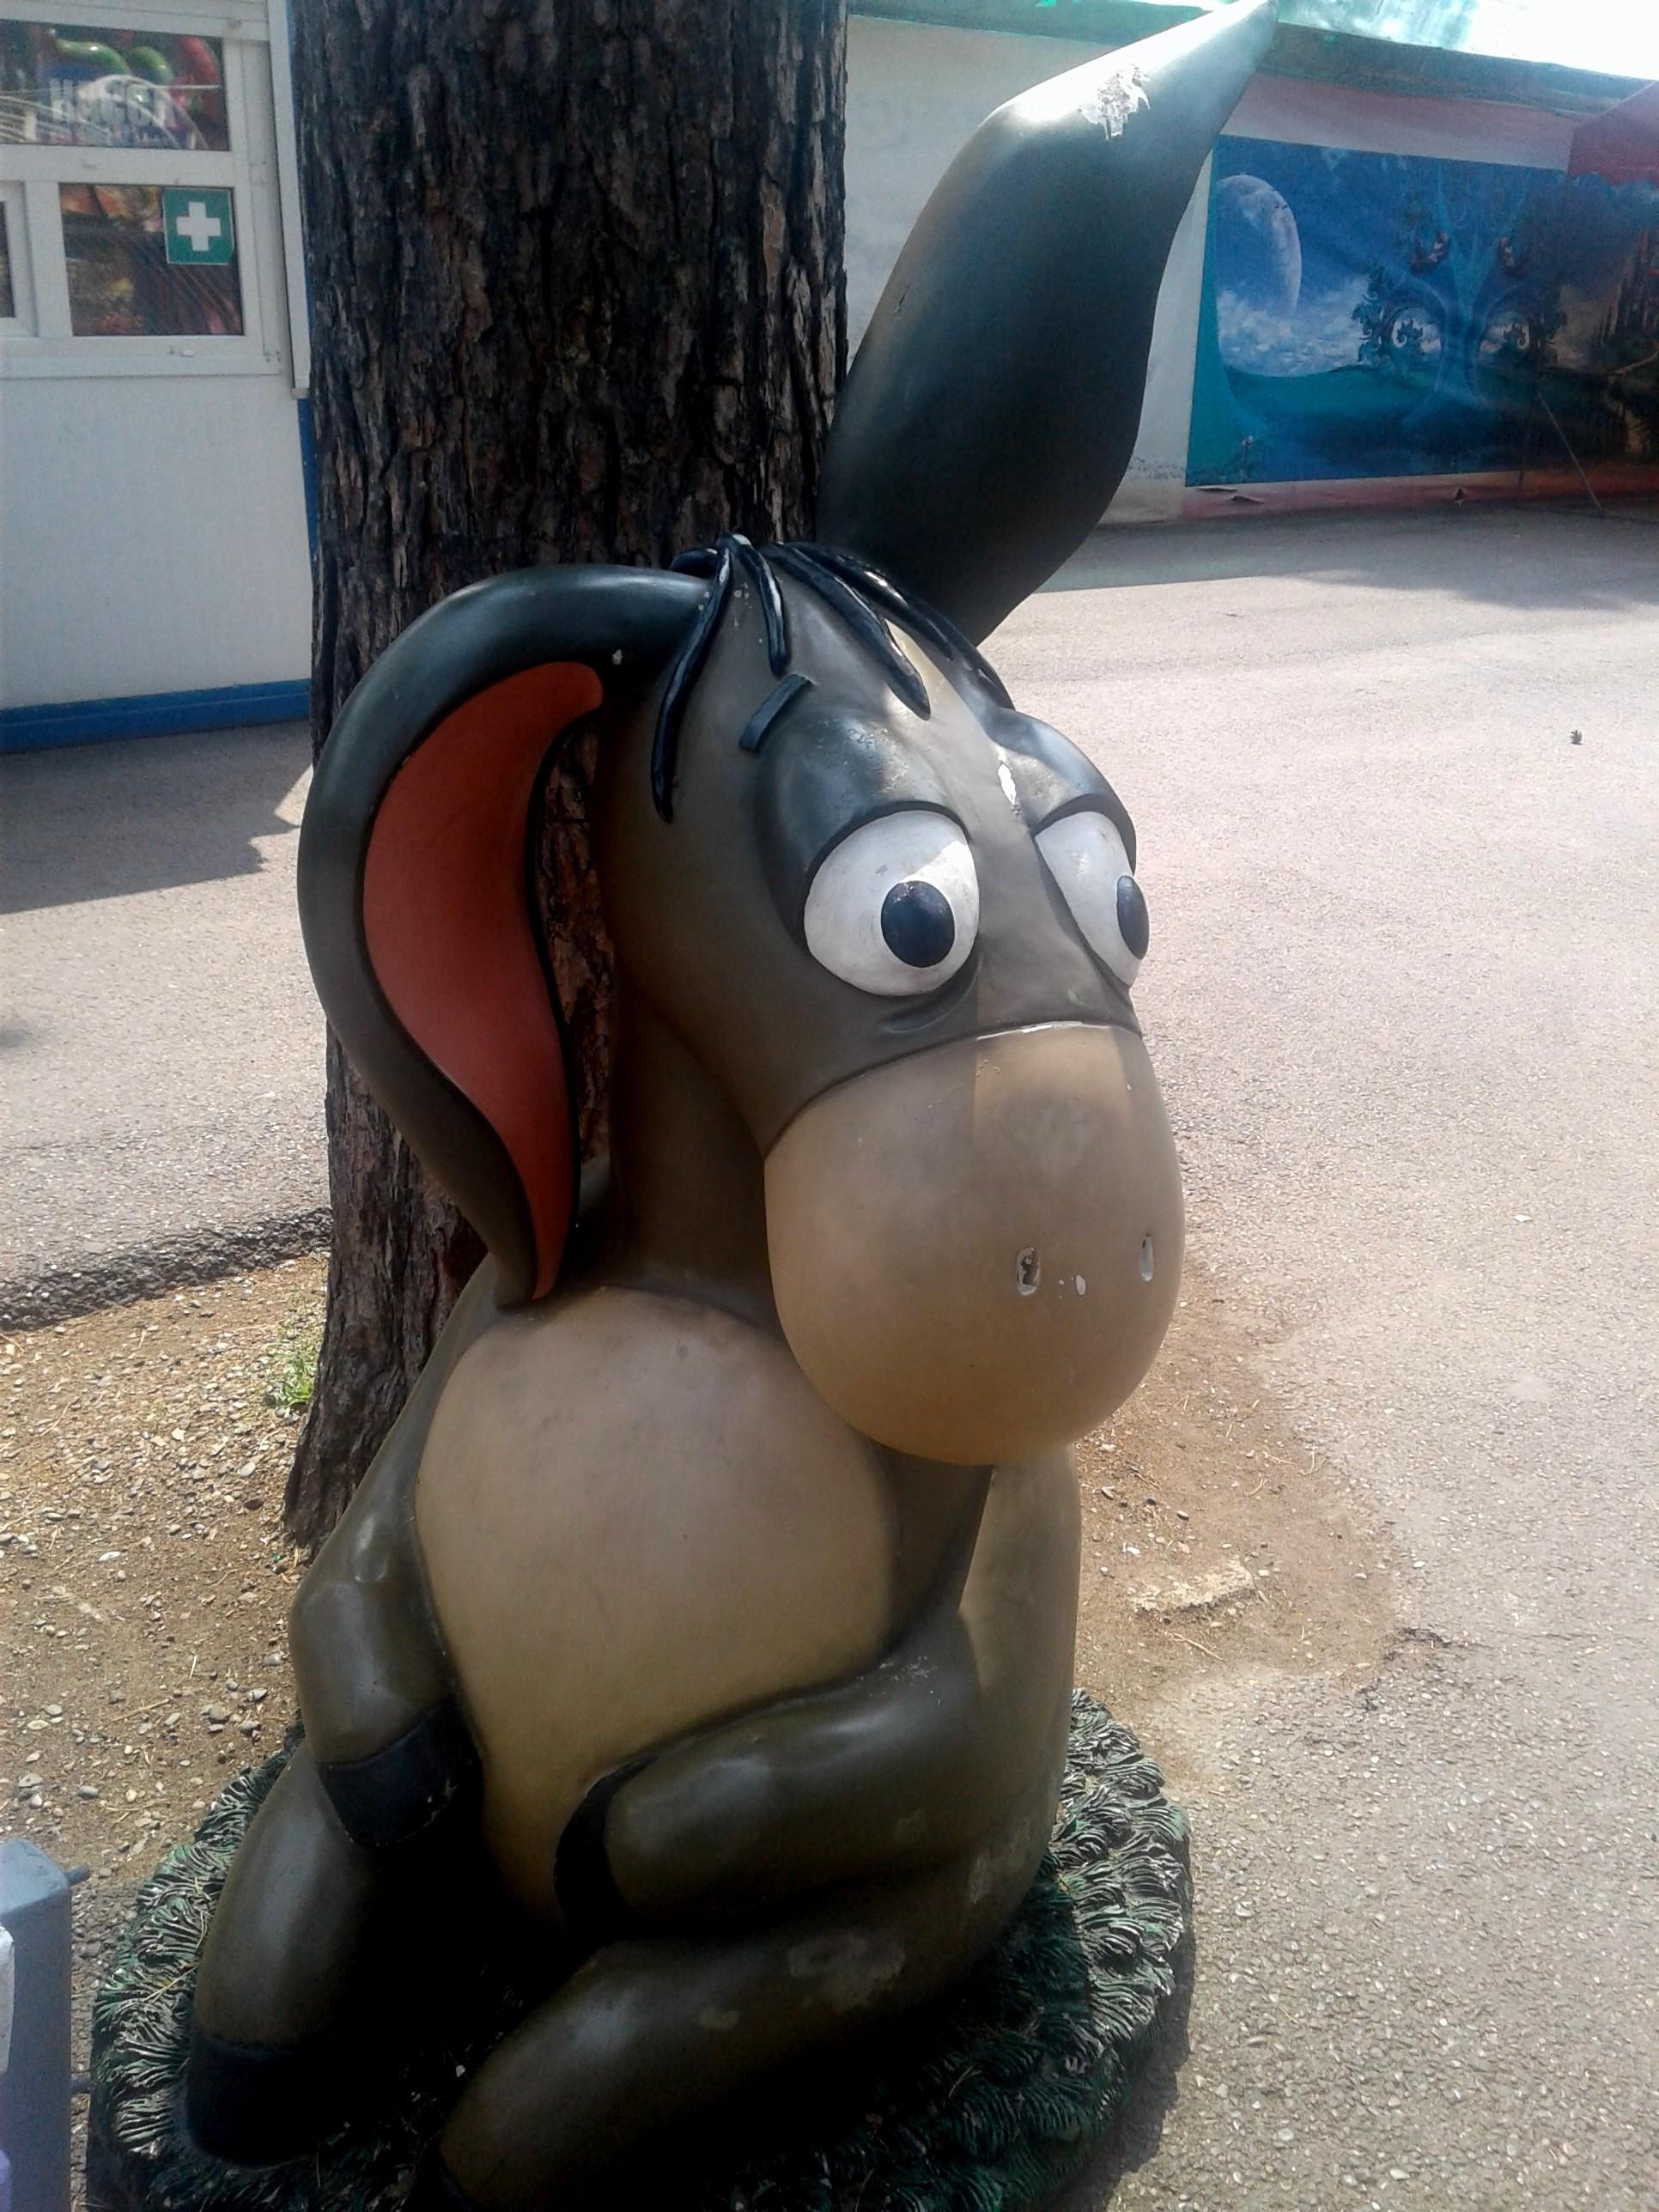 И Винни-Пух с Пятачком, Совой, Кроликом обитают недалеко